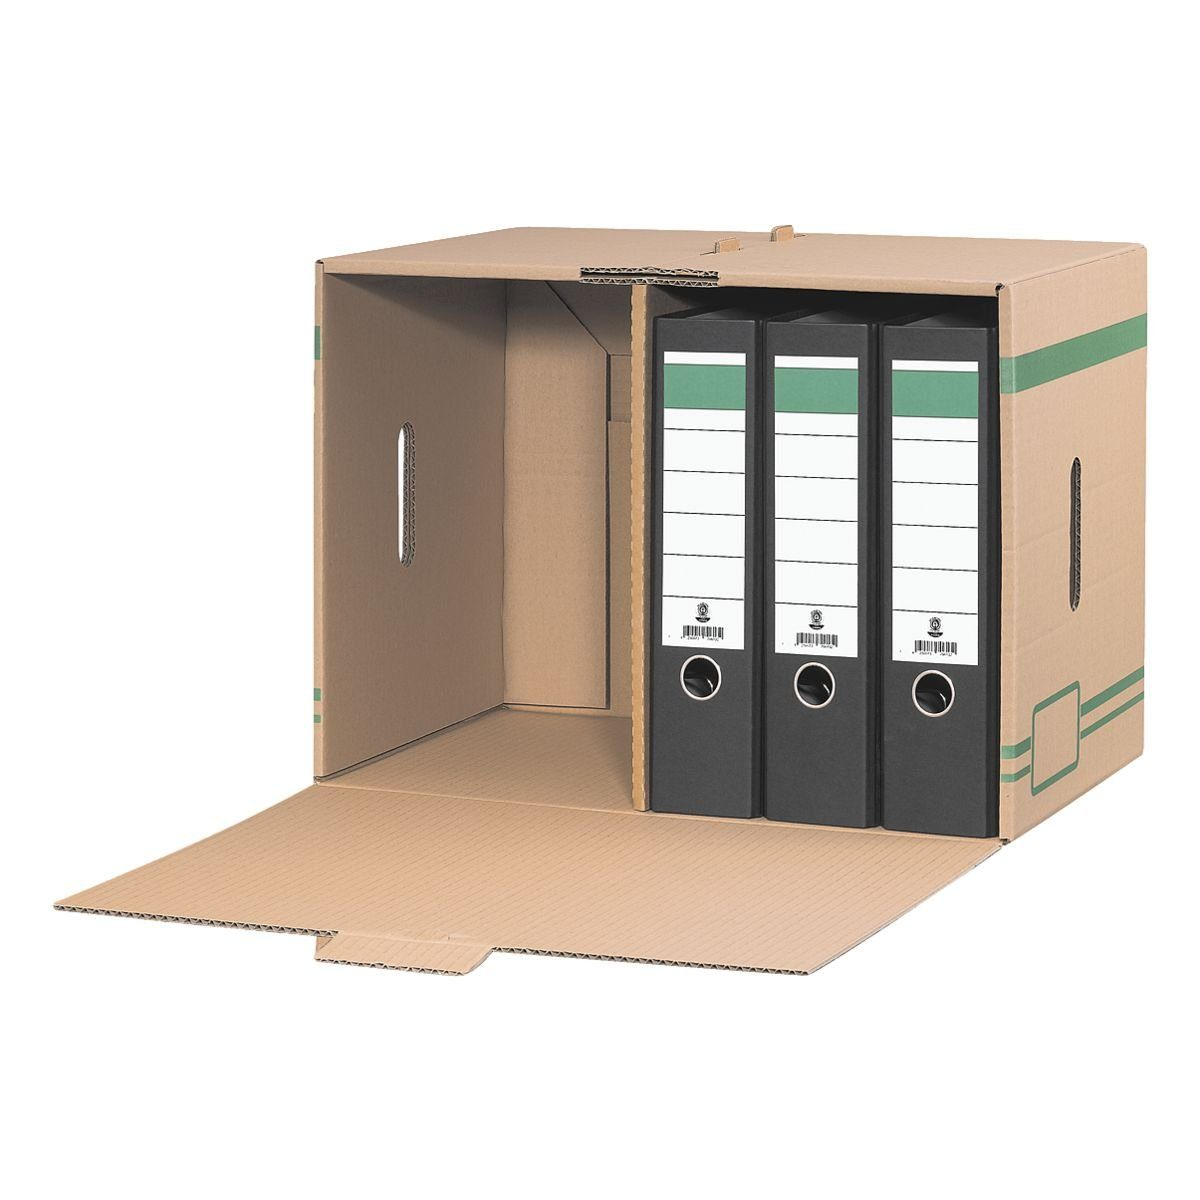 CARTONIA Ordner-Container